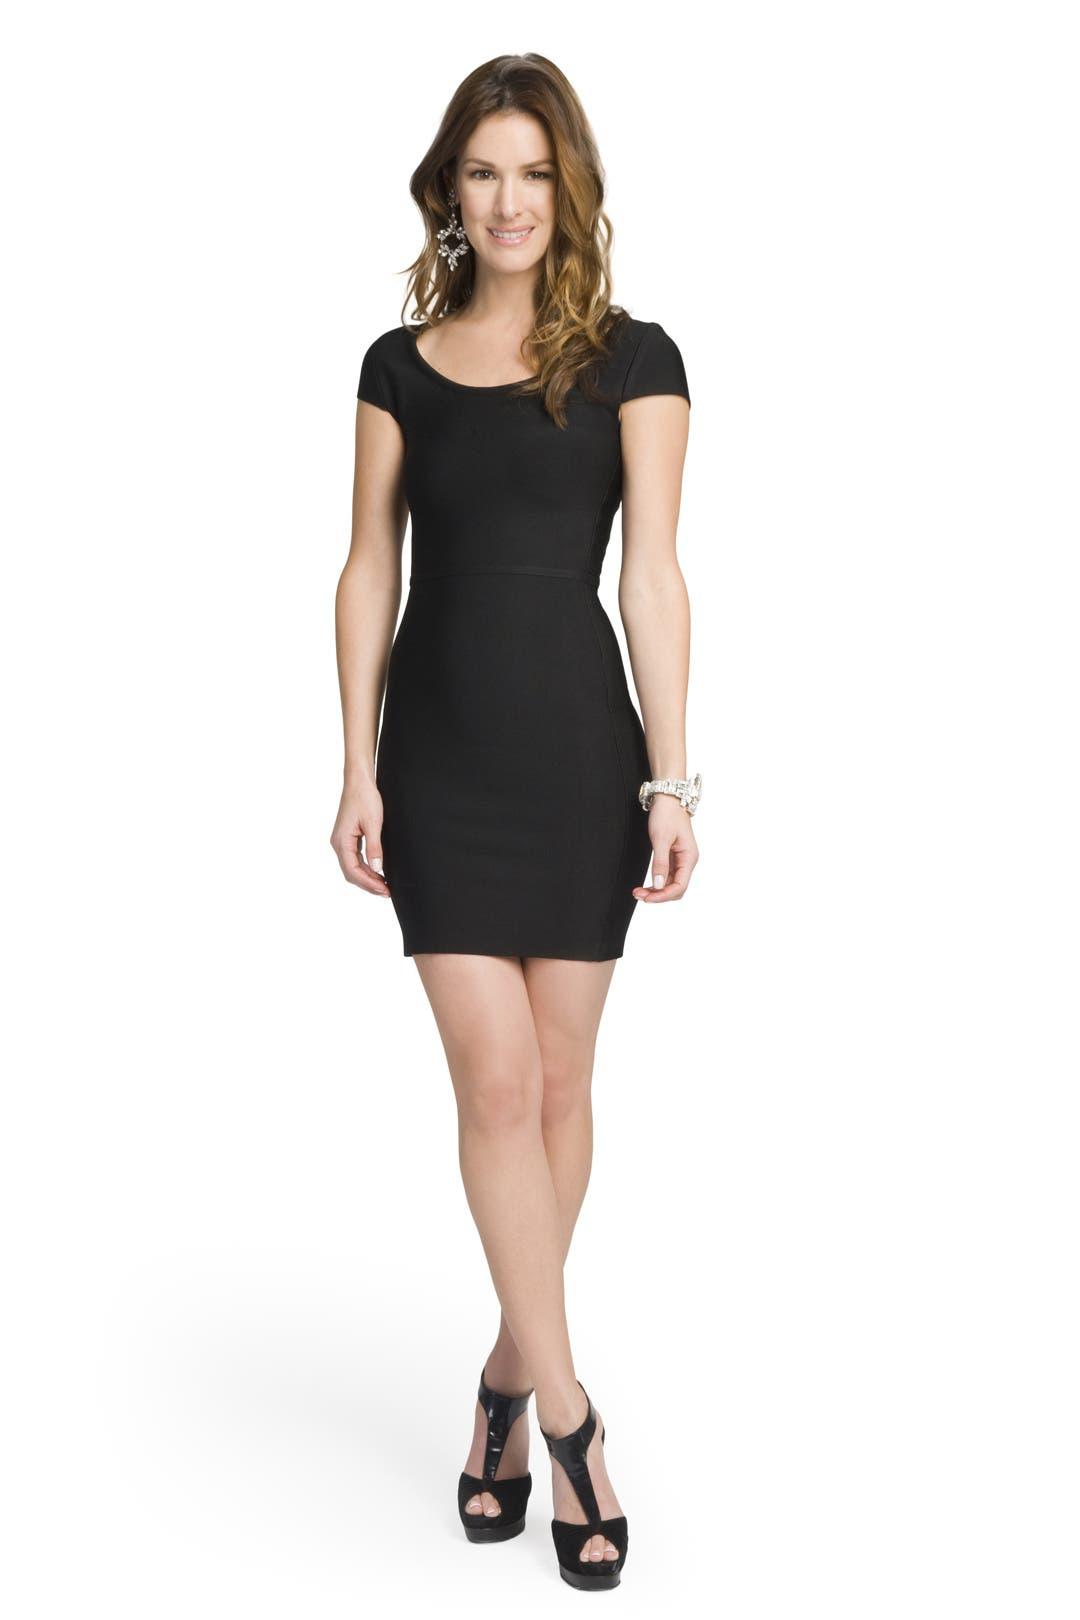 The Audrey Dress by Hervé Léger